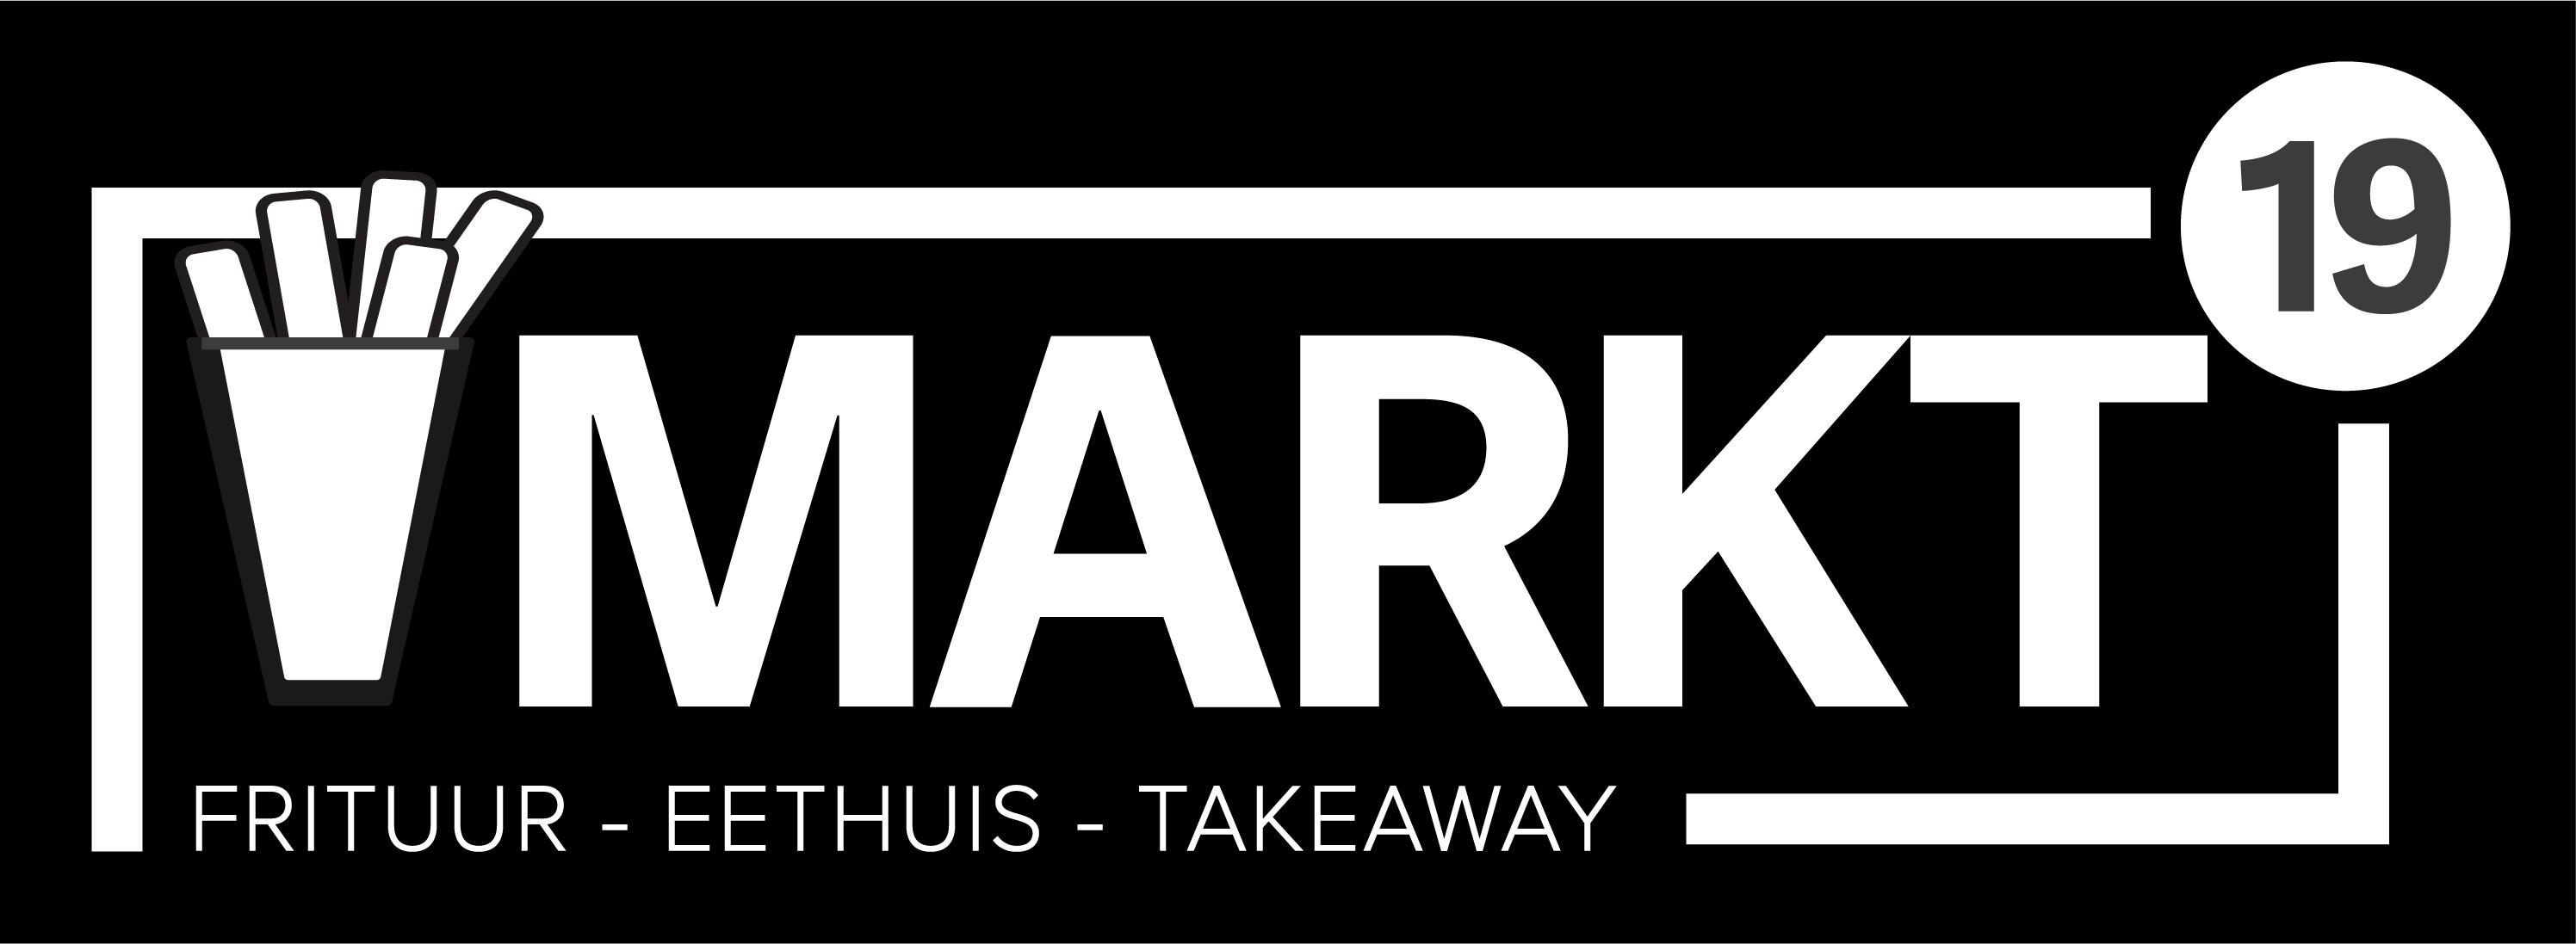 Martk 19 Footer Logo